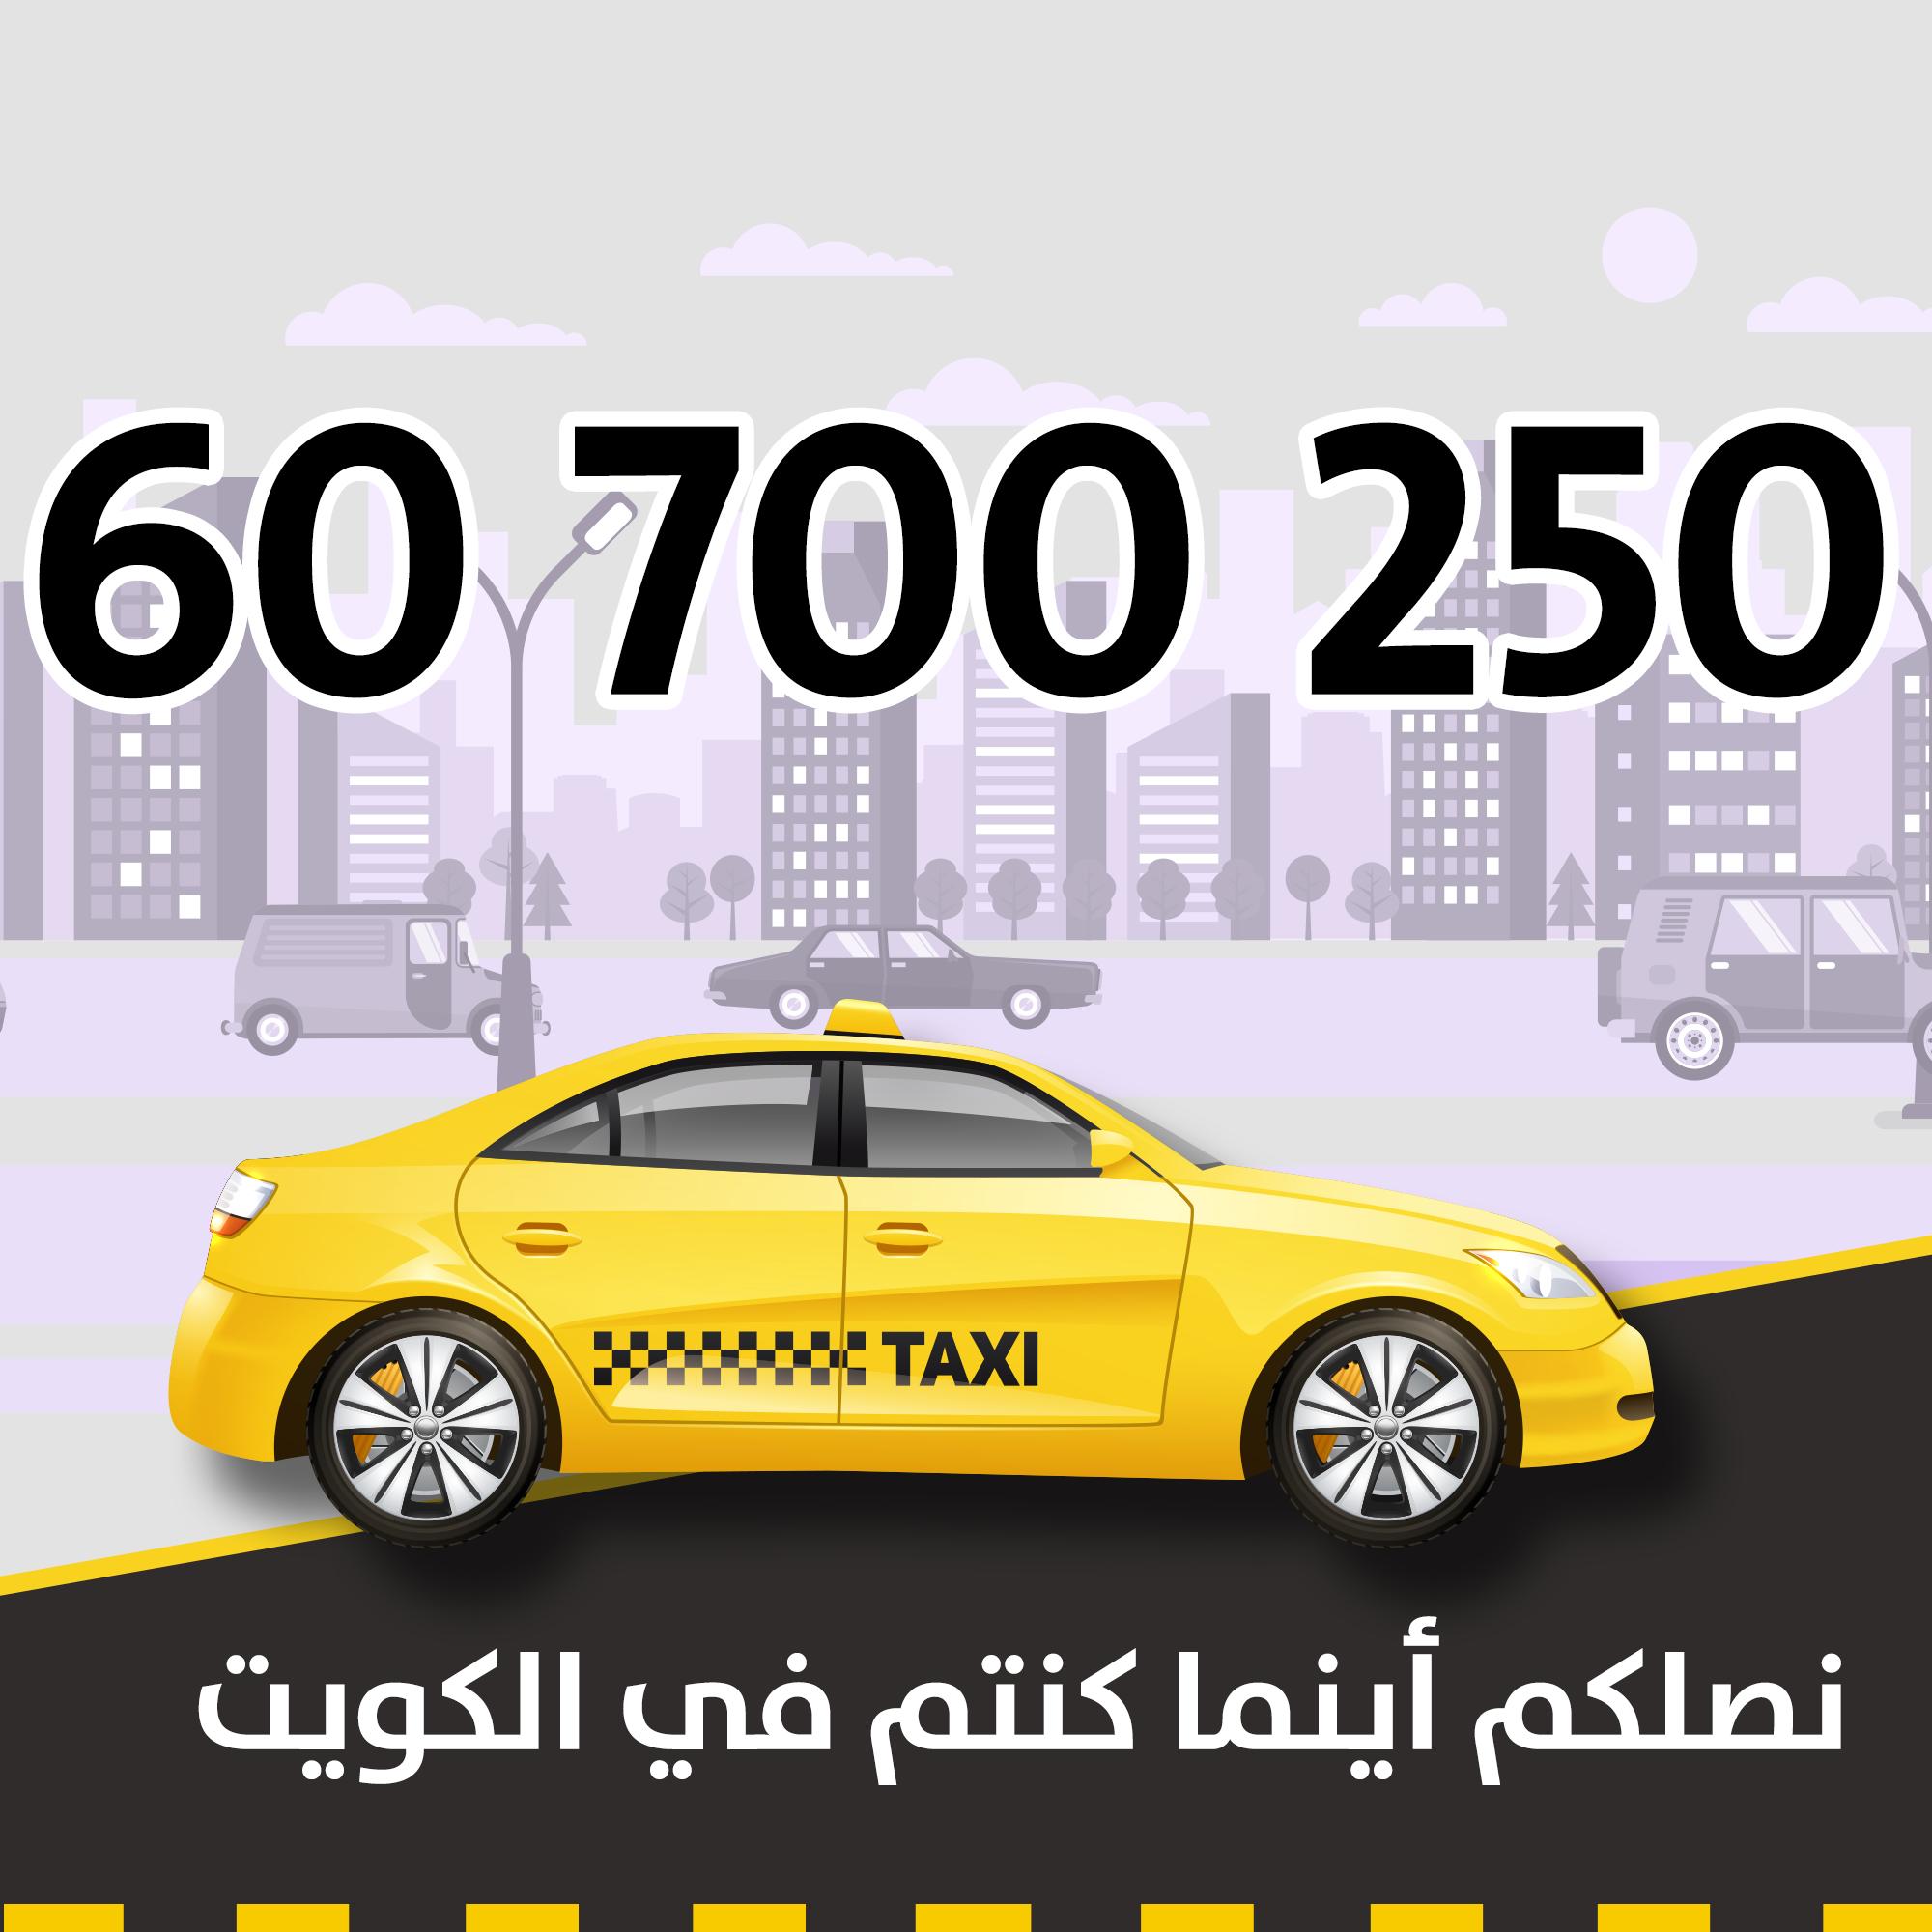 تاكسي توصيلة في شارع عبد الله بن المقفع